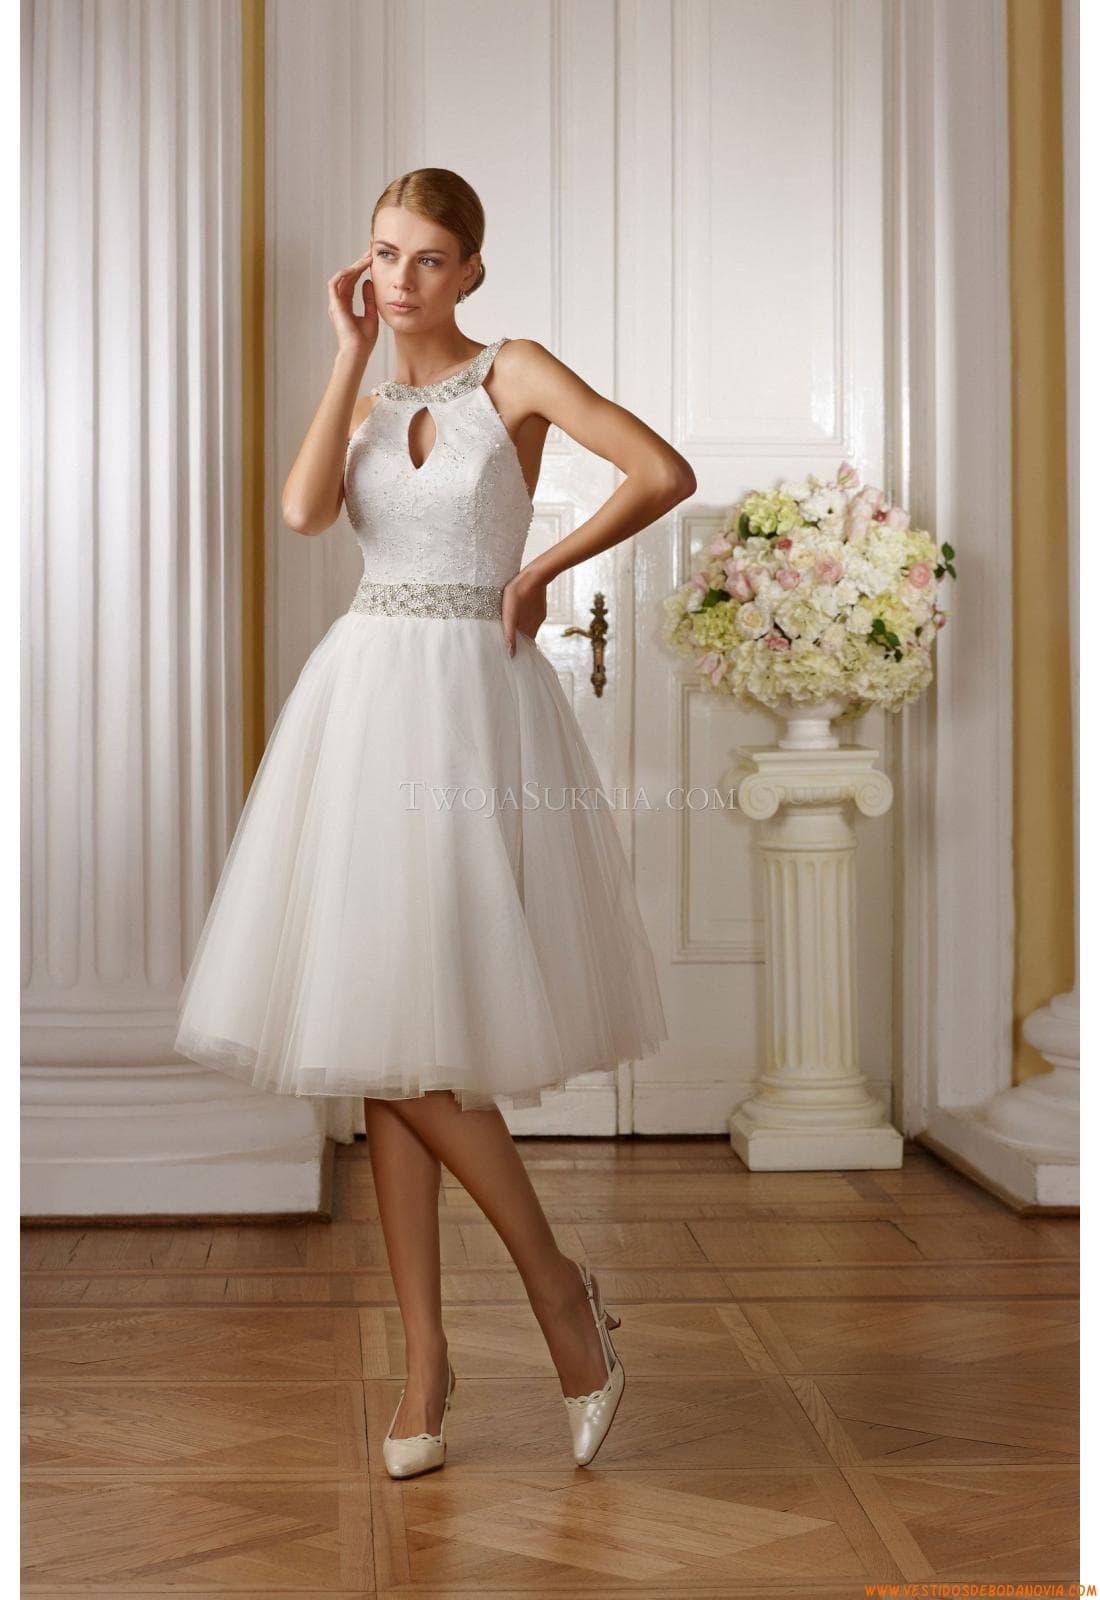 Vestidos de novia sencillos color perla cortos